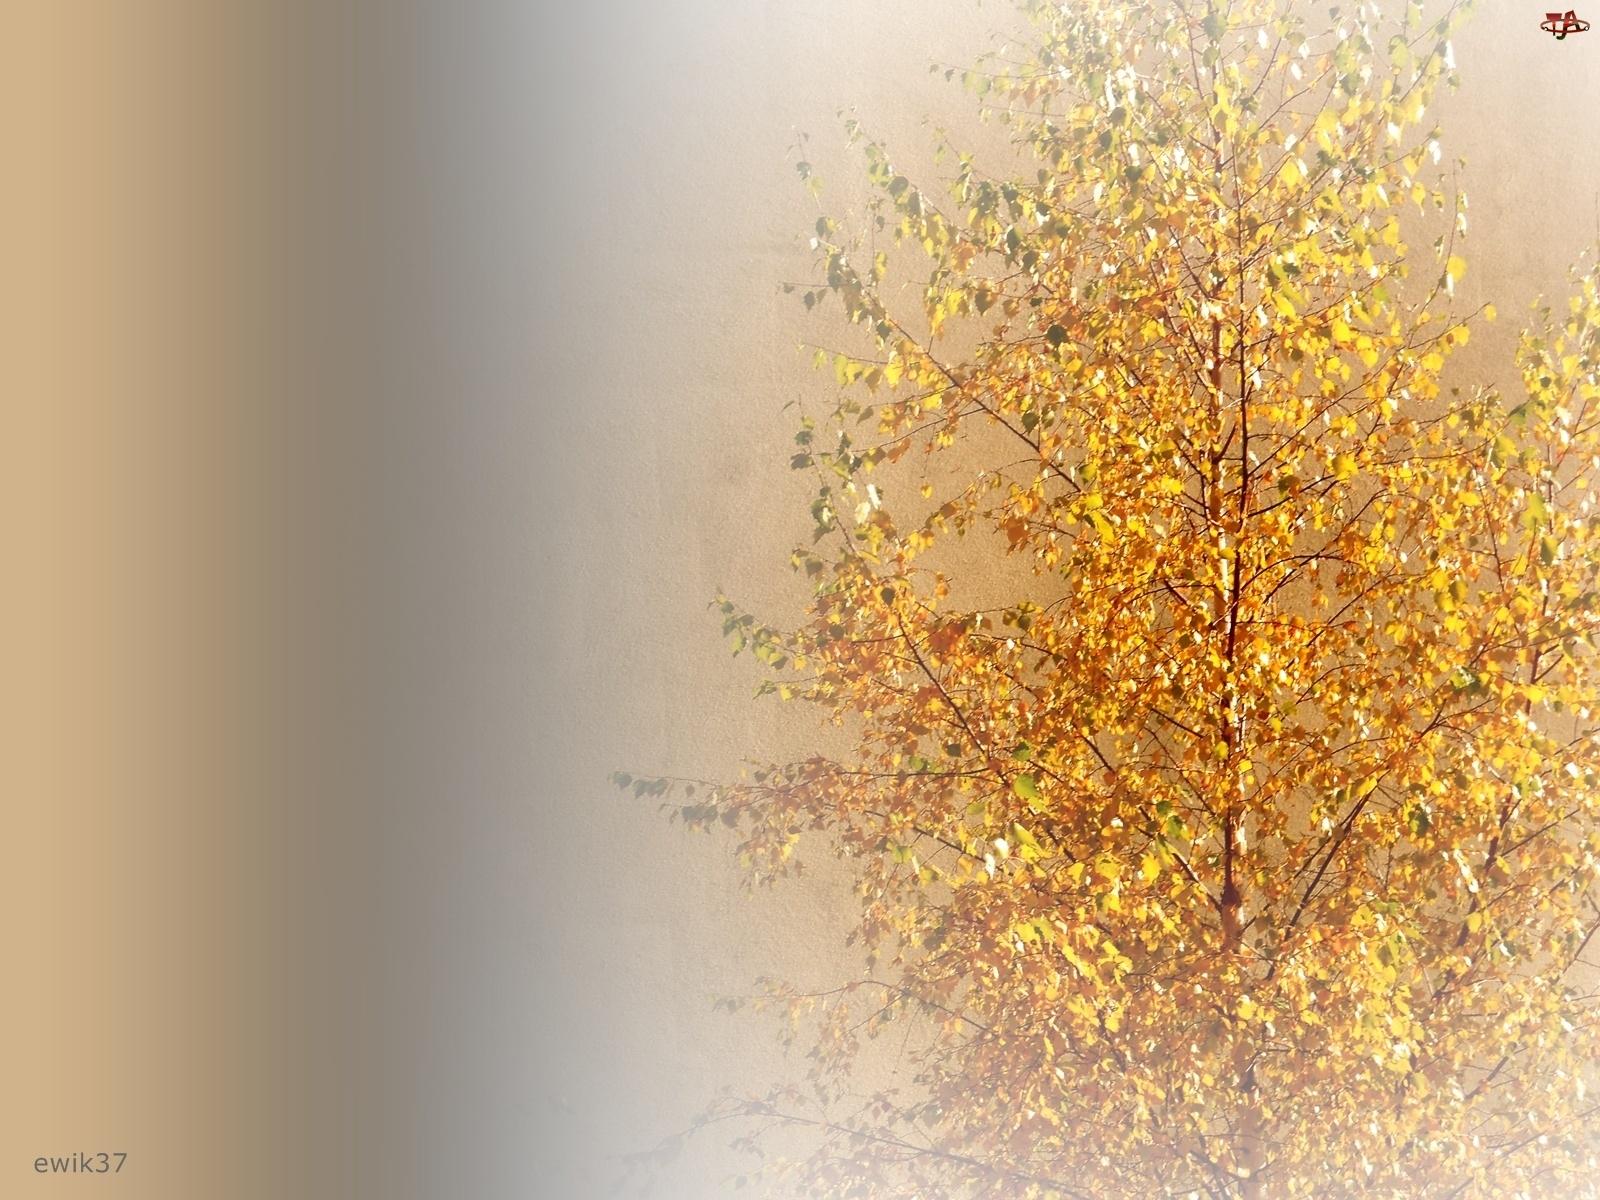 Drzewo, Barwy, Brzoza, Jesienne